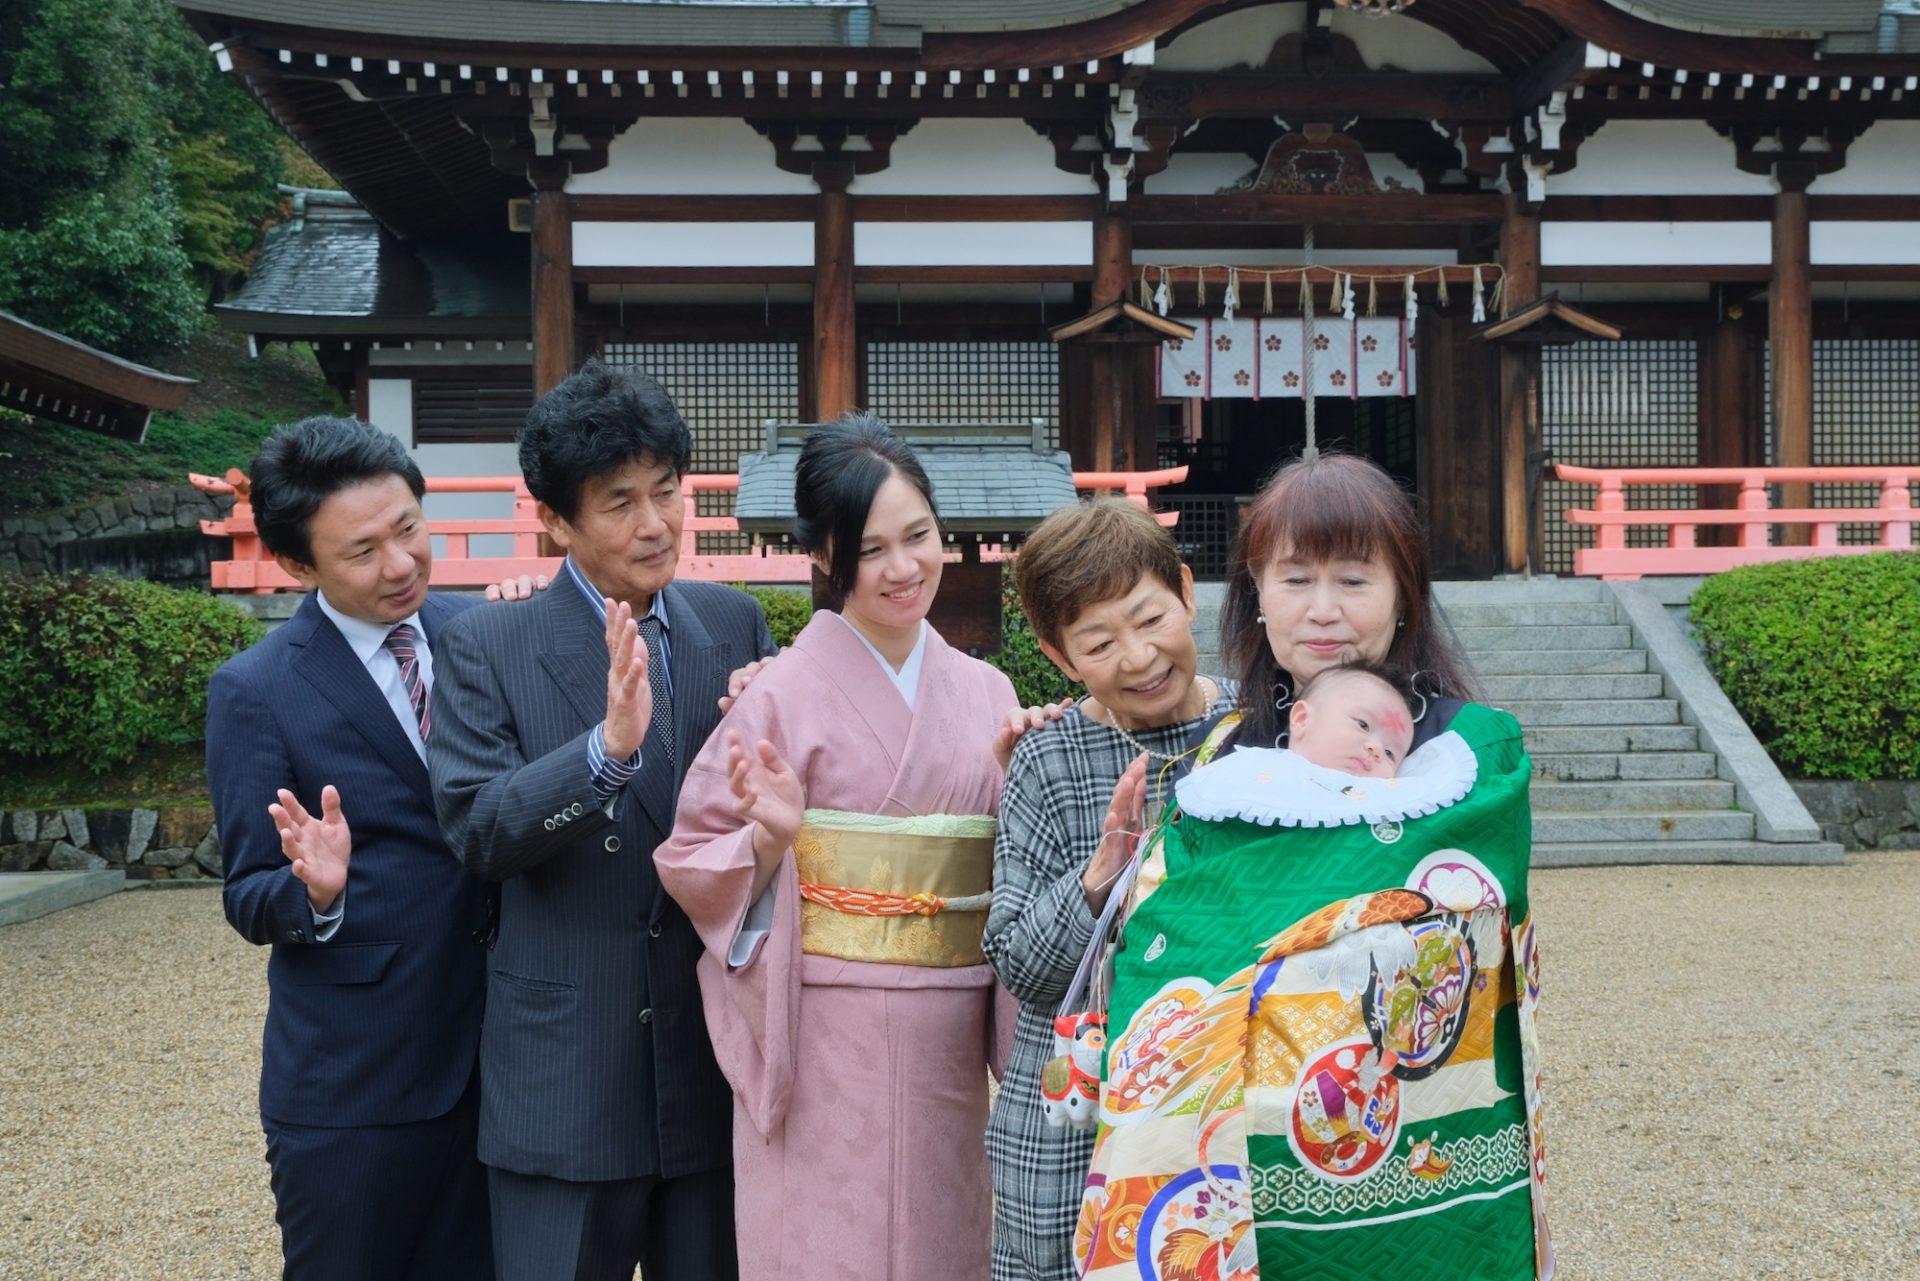 岡田國神社でのお宮参りの写真